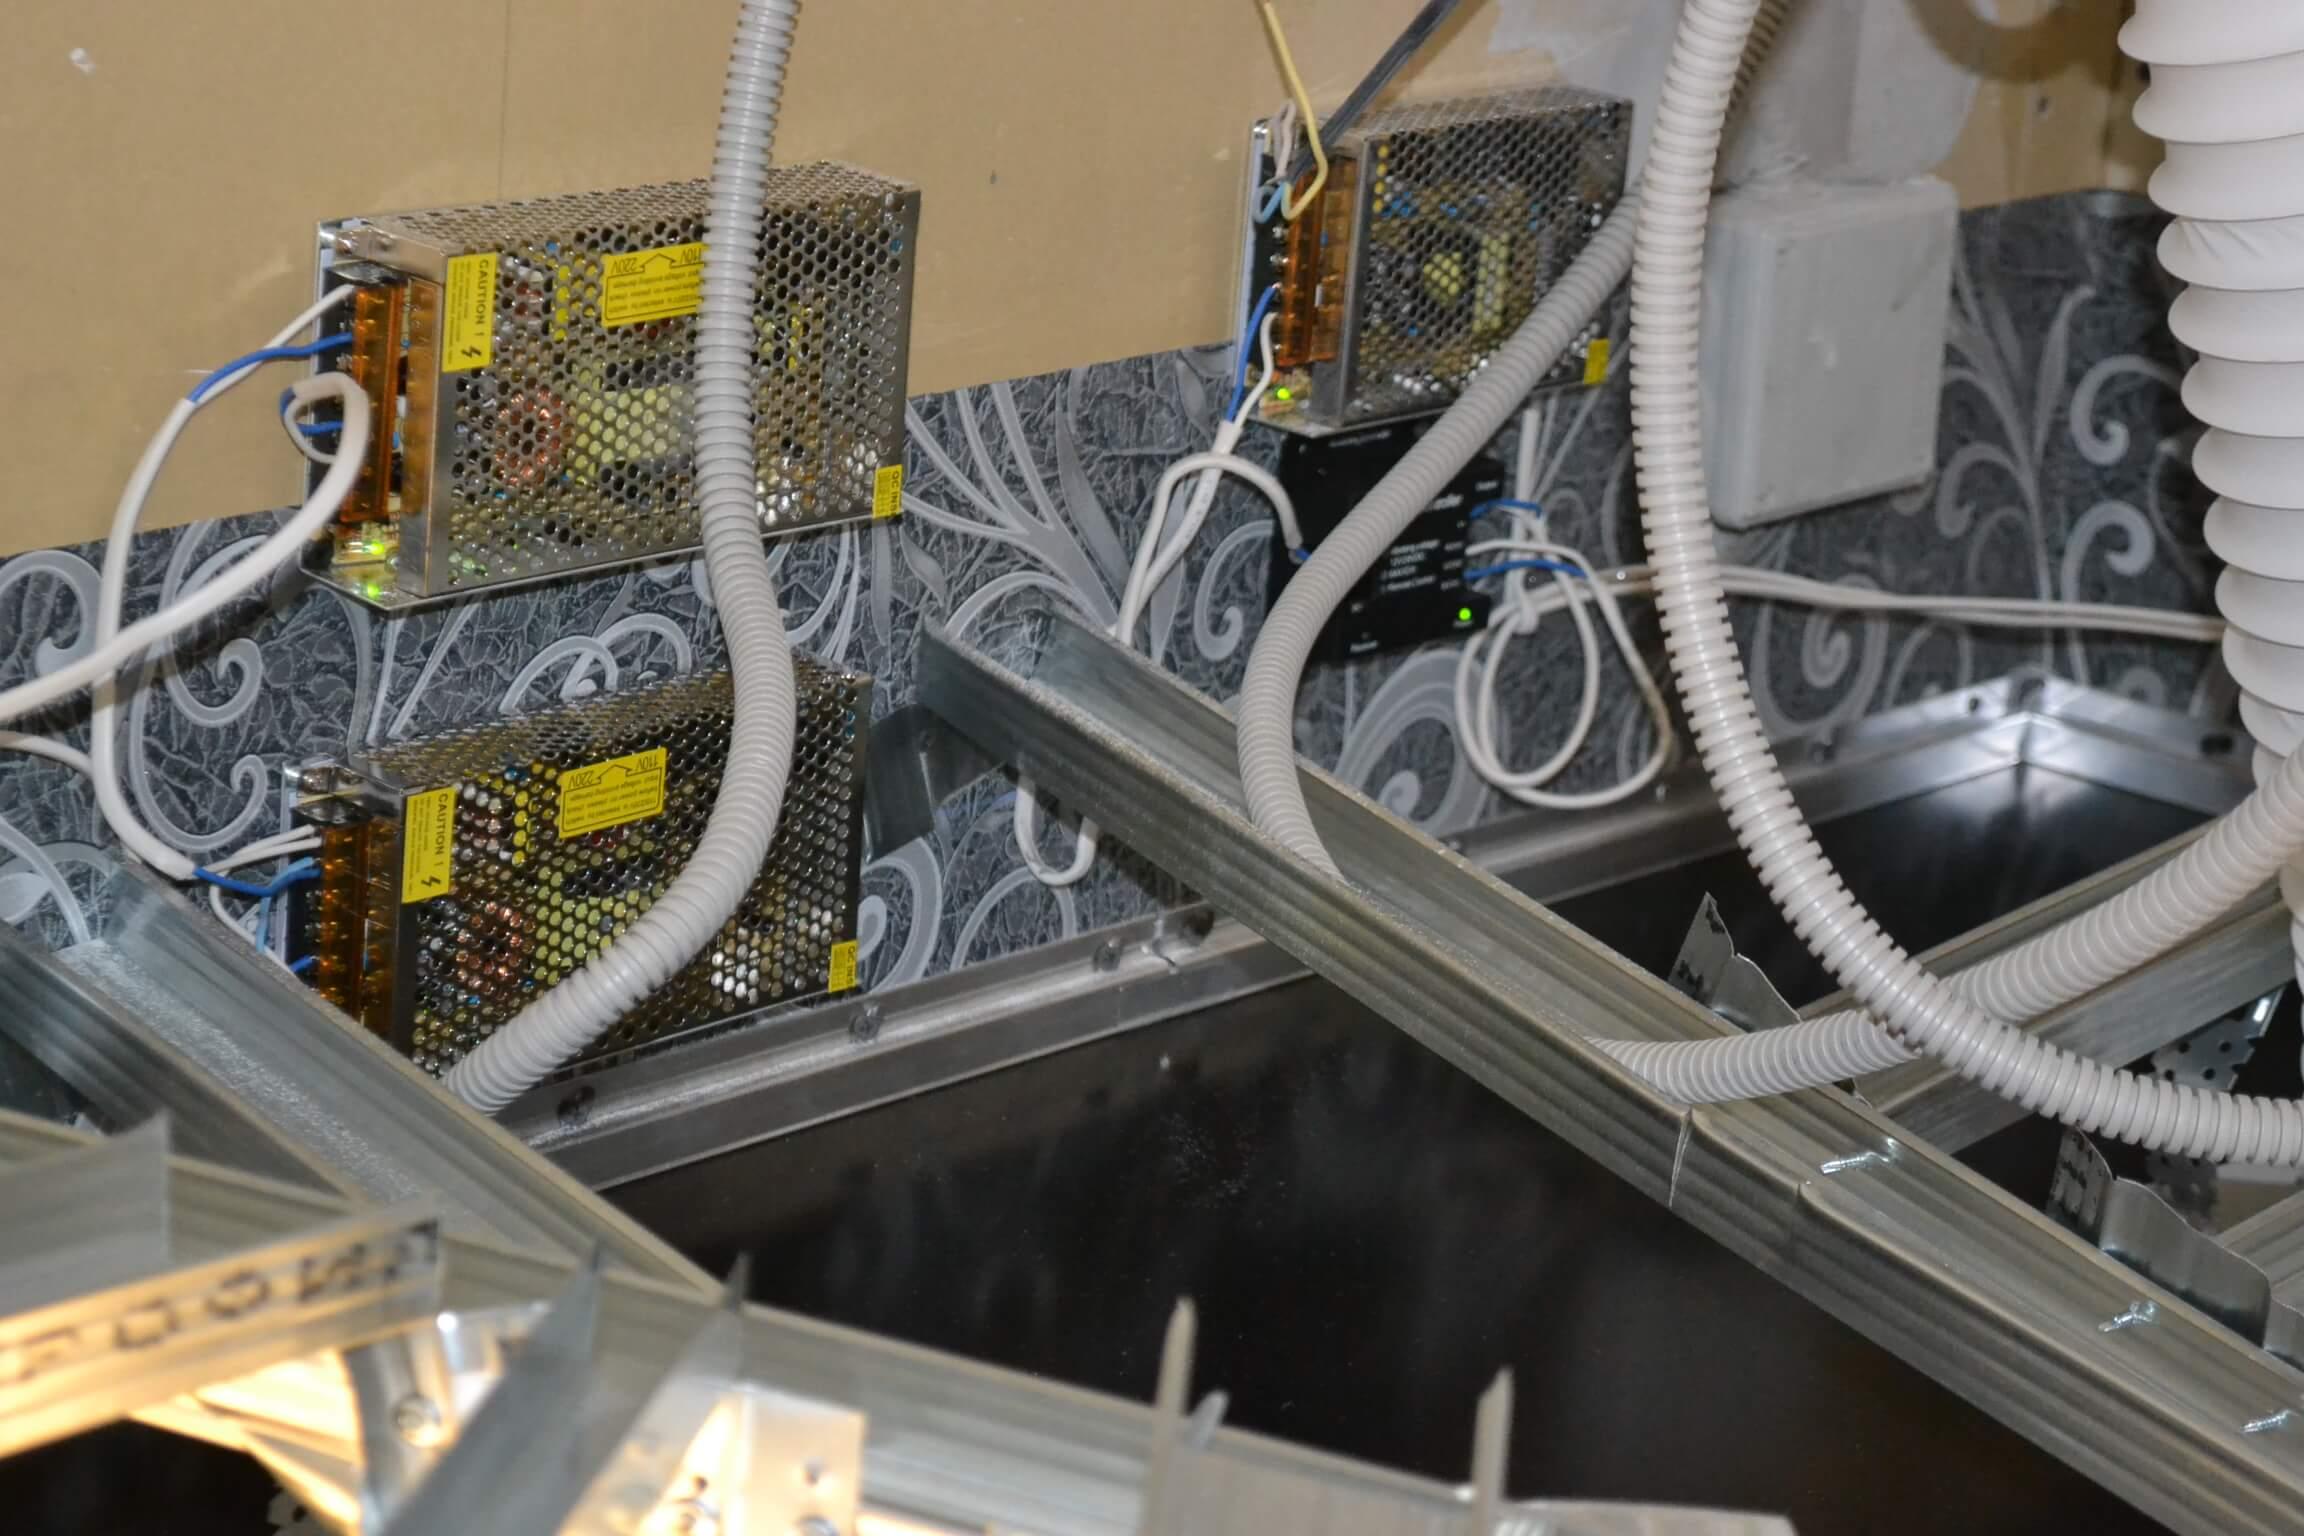 Как установить точечный светильник в натяжной потолок?, Коломна (фото)